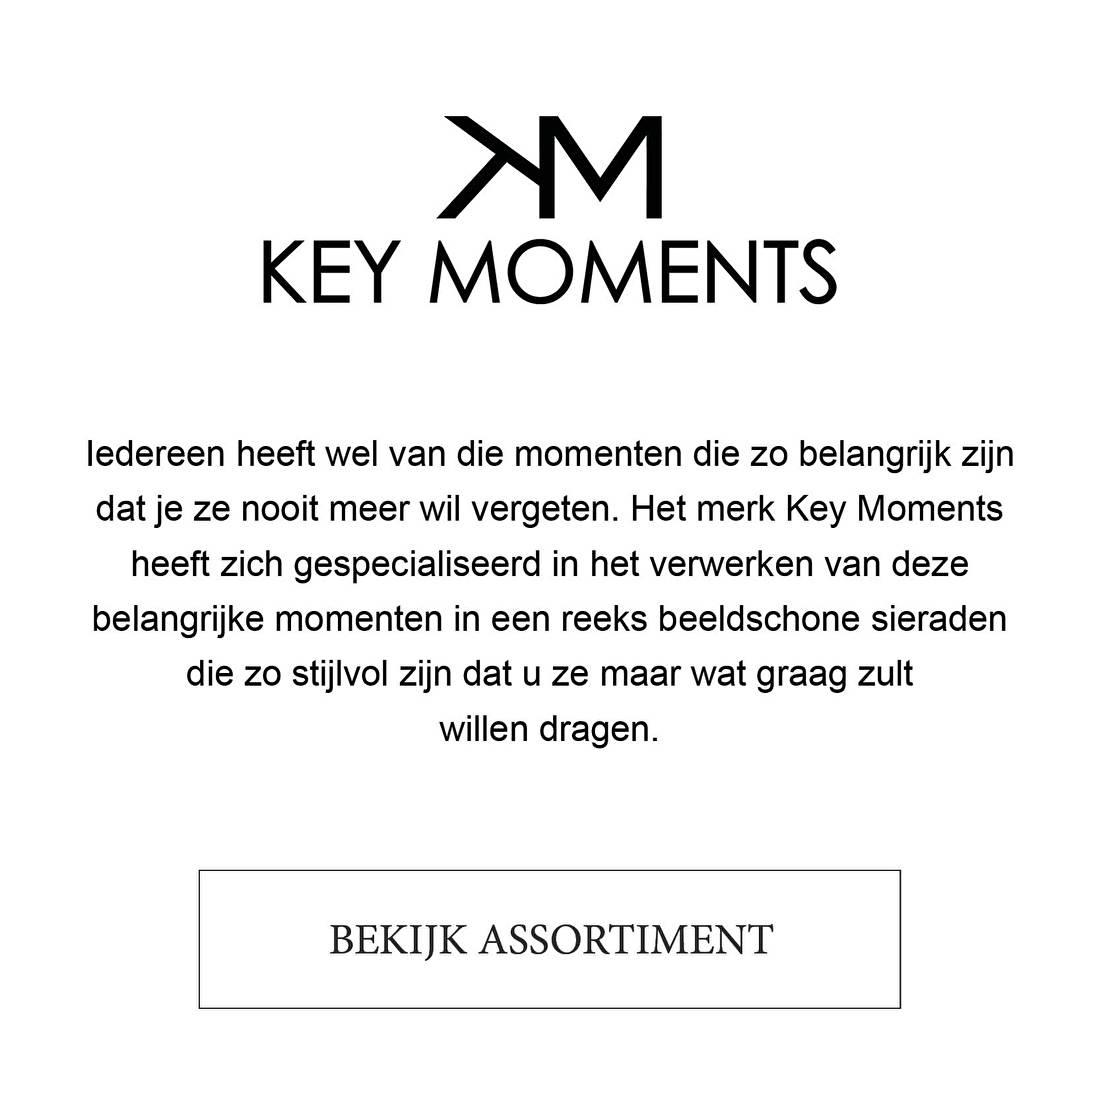 Iedereen heeft wel van die momenten die zo belangrijk zijn dat je ze nooit meer wil vergeten. Het merk Key Moments heeft zich gespecialiseerd in het verwerken van deze belangrijke momenten in een reeks beeldschone sieraden die zo stijlvol zijn dat u ze maar wat graag zult  willen dragen.